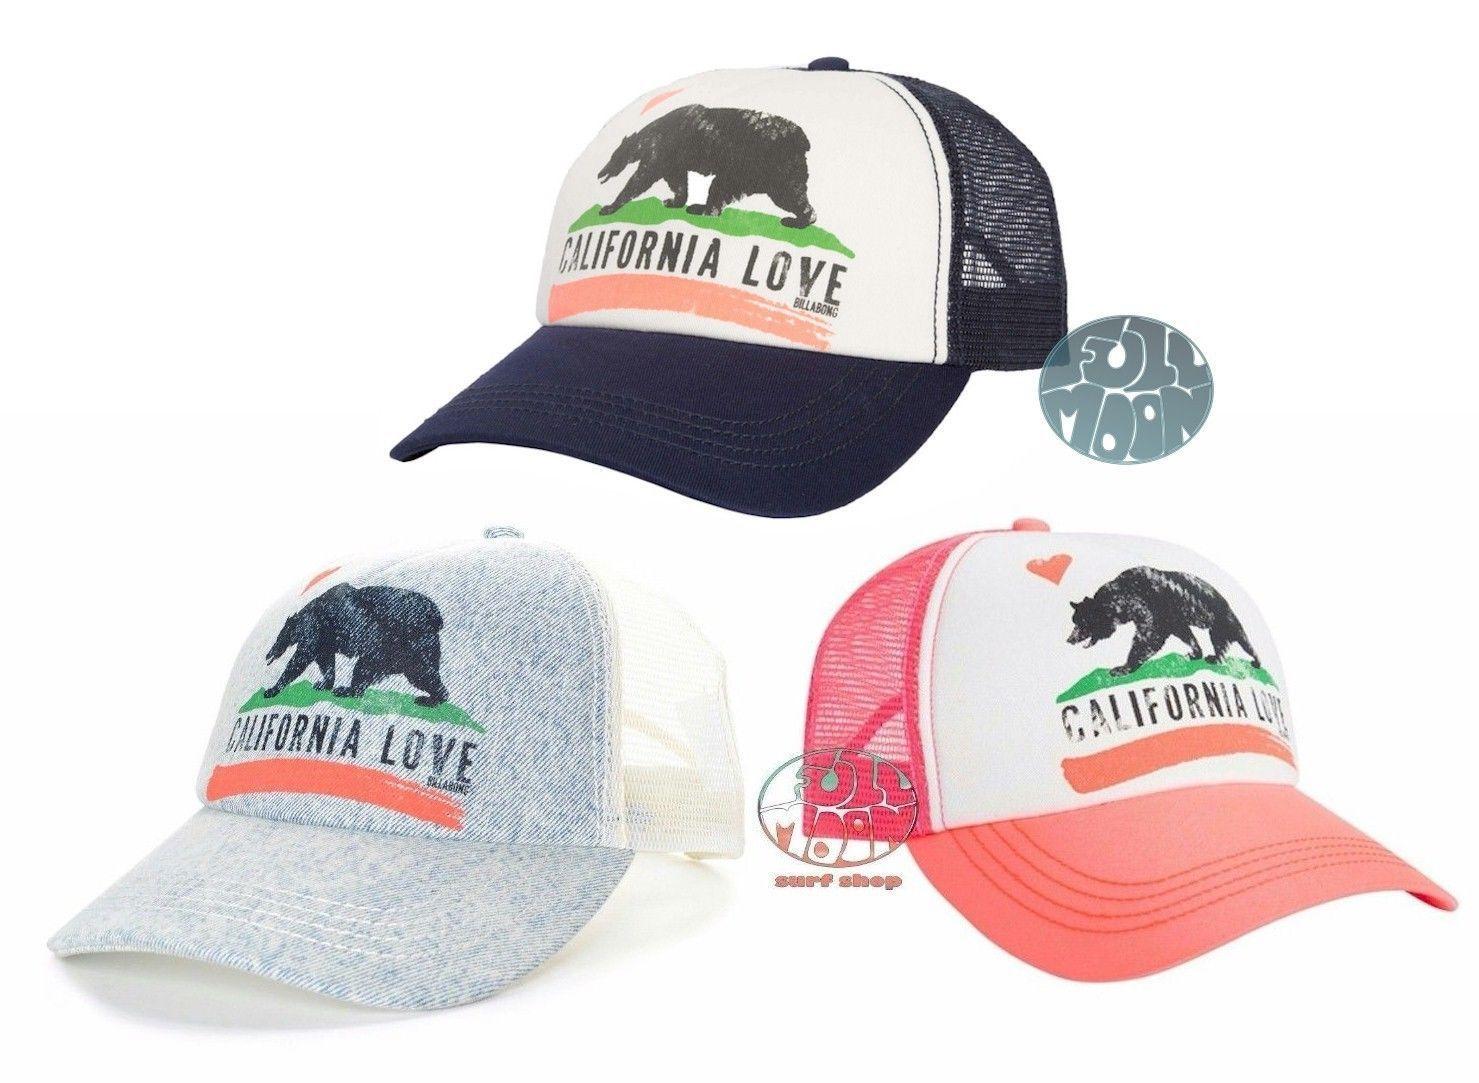 8650387a1d0b87 Billabong Women'S Pitstop California Love Mesh Snapback Trucker Hat Cap